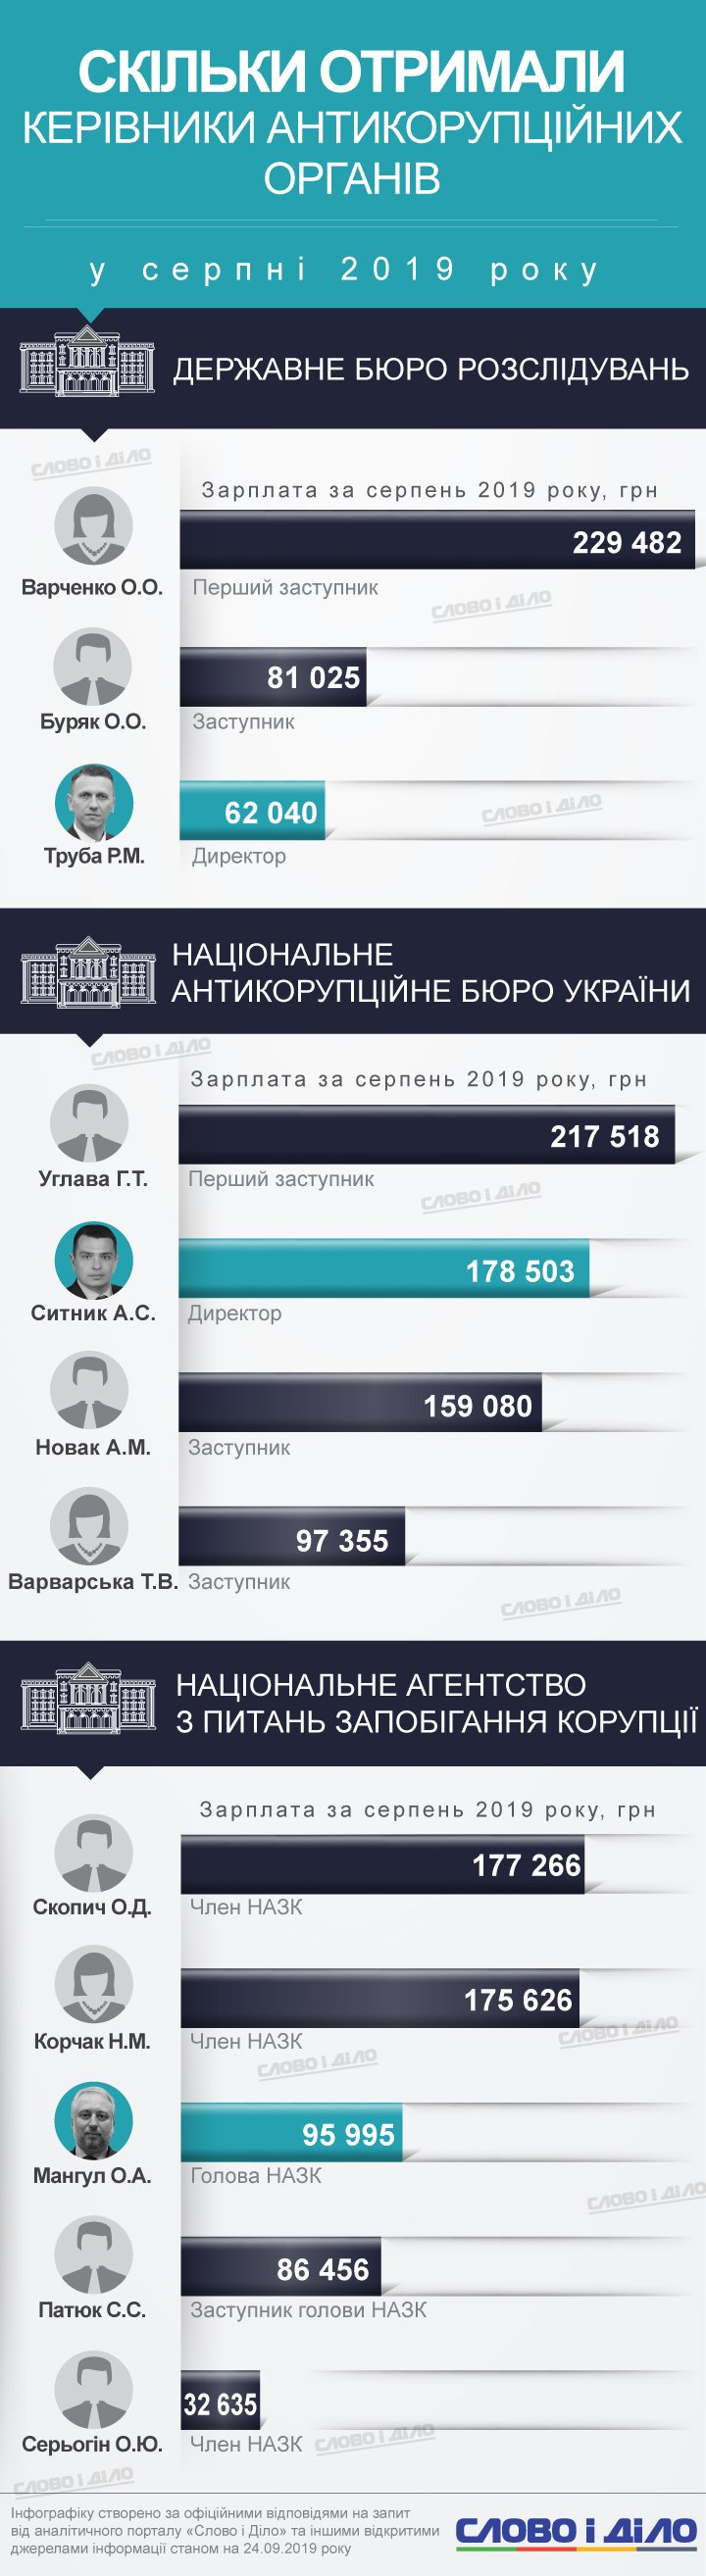 У серпні найбільш високооплачуваними антикорупціонерами були не керівники відомств, а їх заступники.